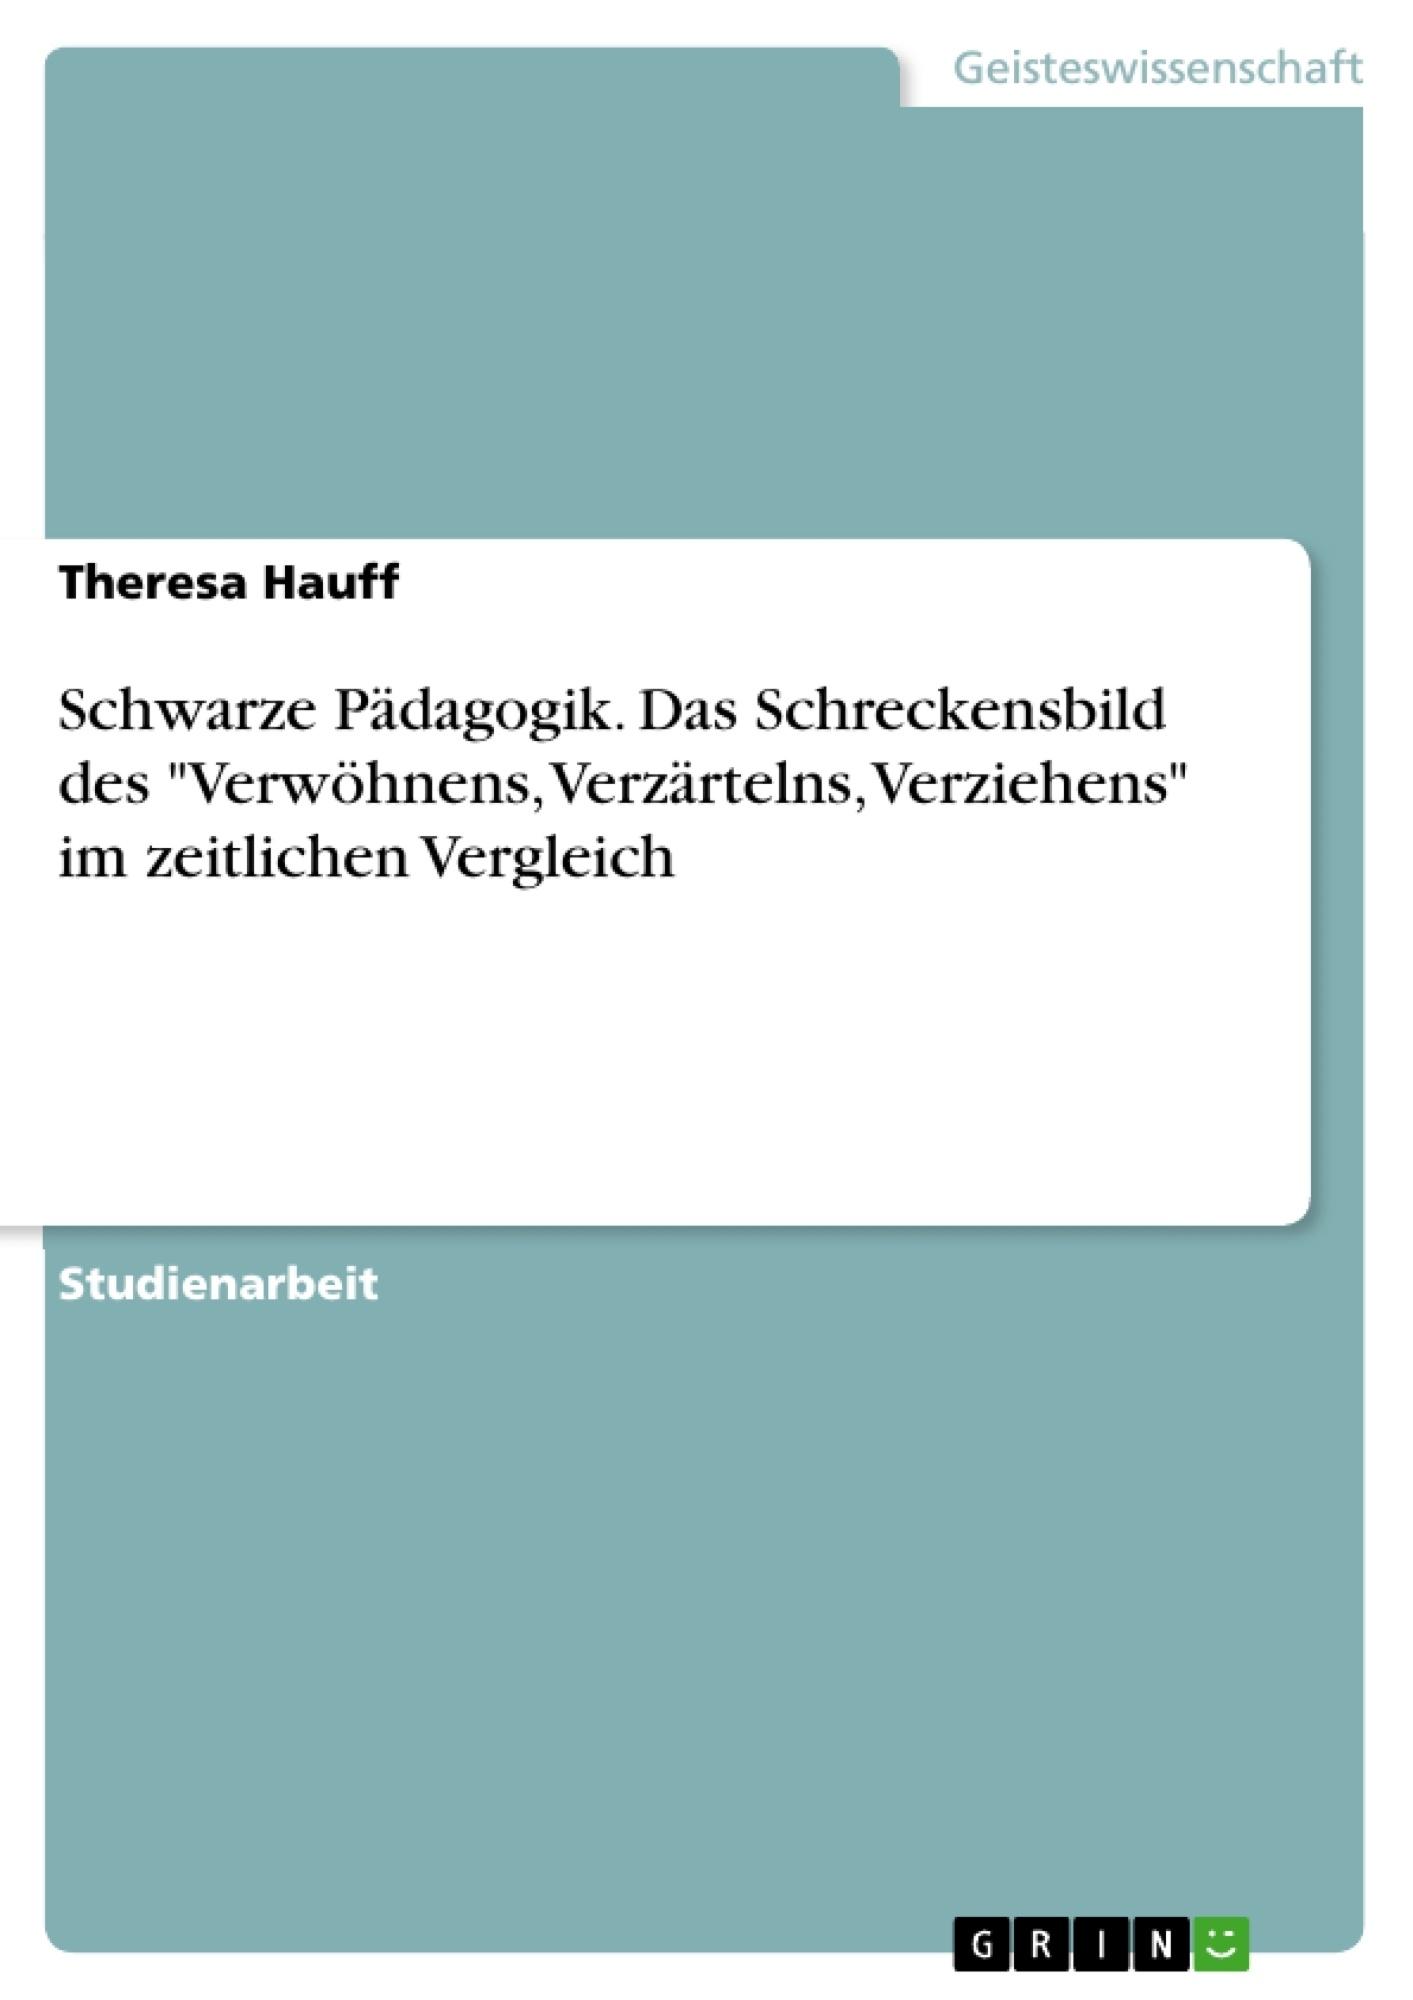 """Titel: Schwarze Pädagogik. Das Schreckensbild des """"Verwöhnens, Verzärtelns, Verziehens"""" im zeitlichen Vergleich"""